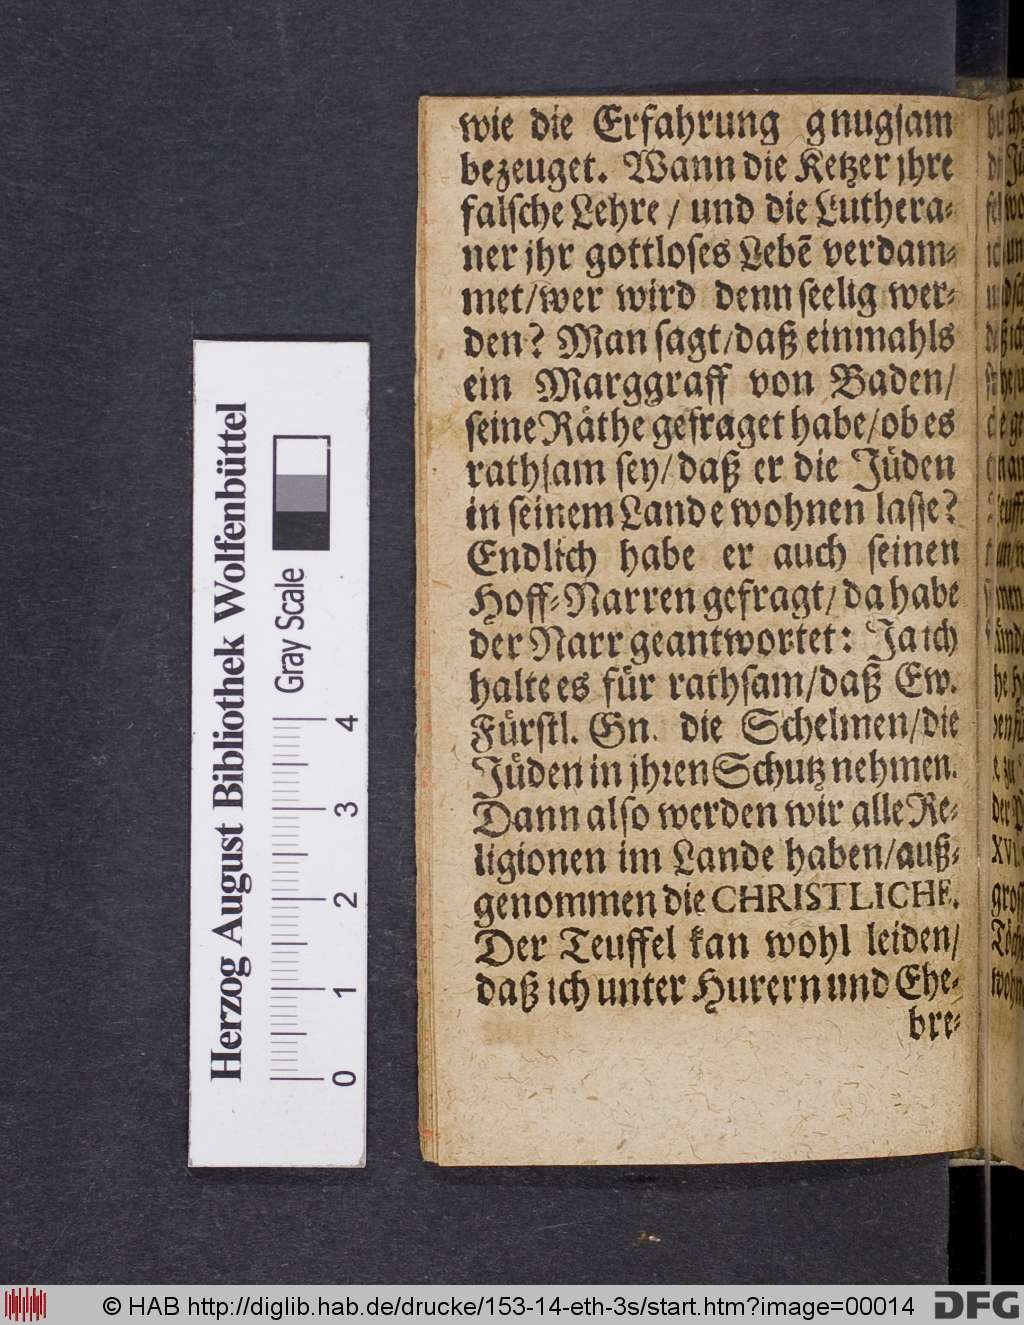 http://diglib.hab.de/drucke/153-14-eth-3s/00014.jpg